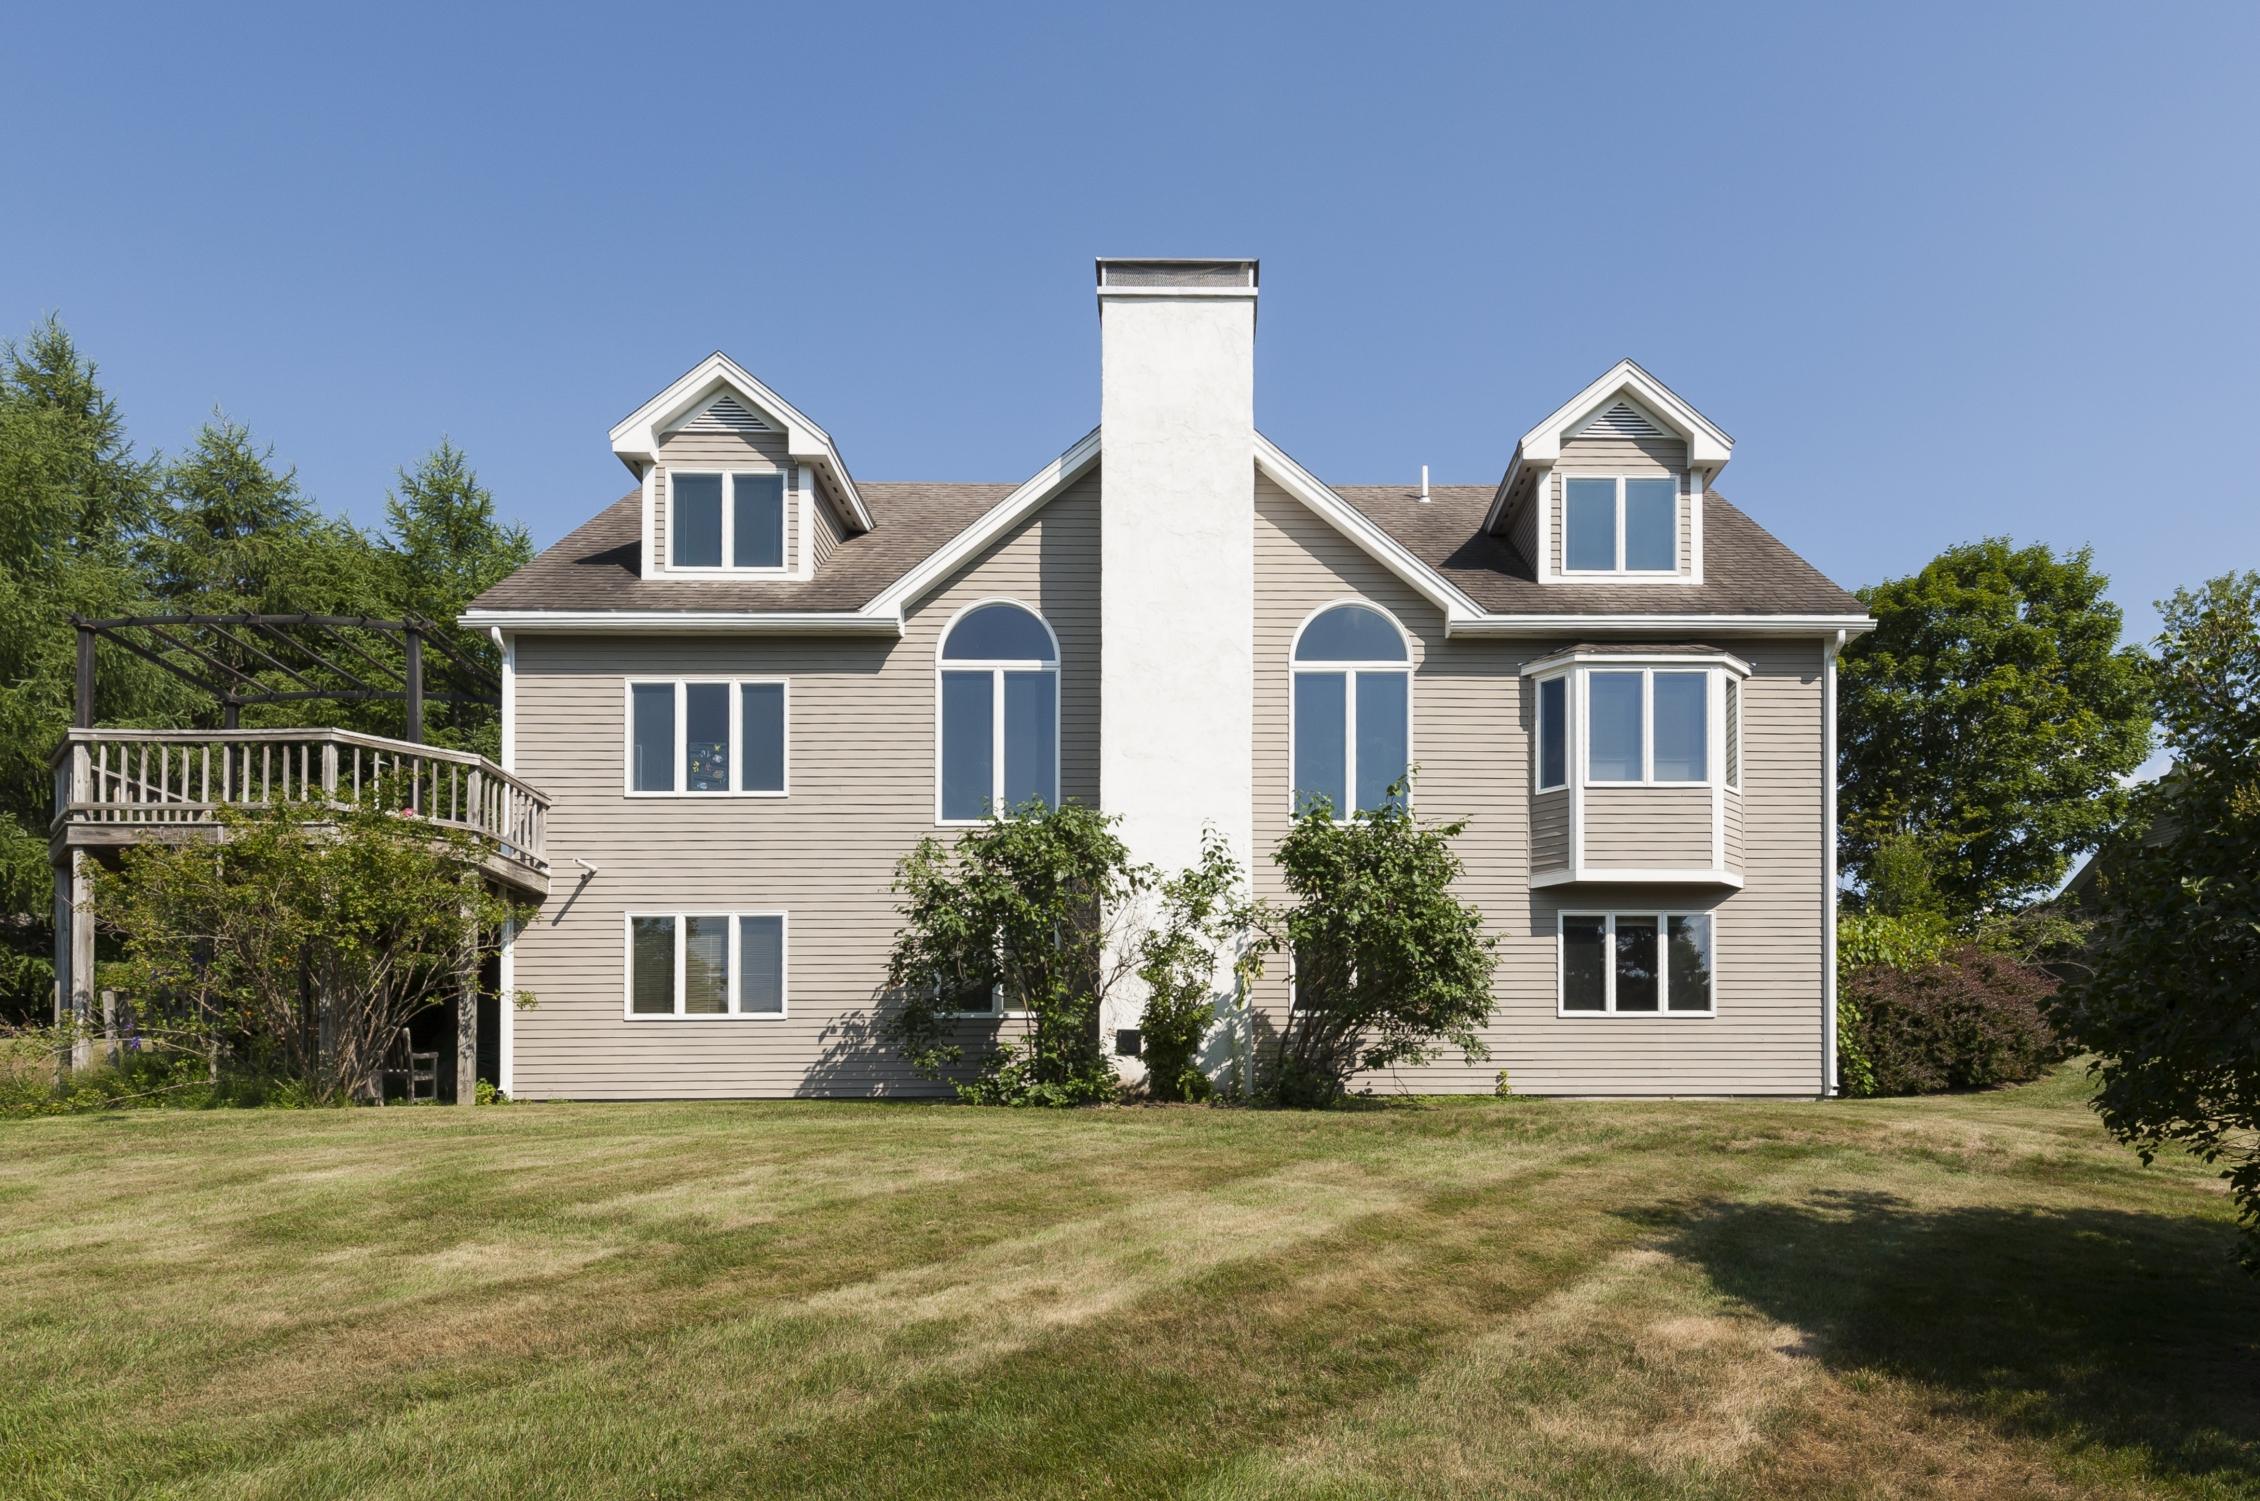 단독 가정 주택 용 매매 에 6 Cuttings Cor, Hanover Hanover, 뉴햄프셔, 03755 미국